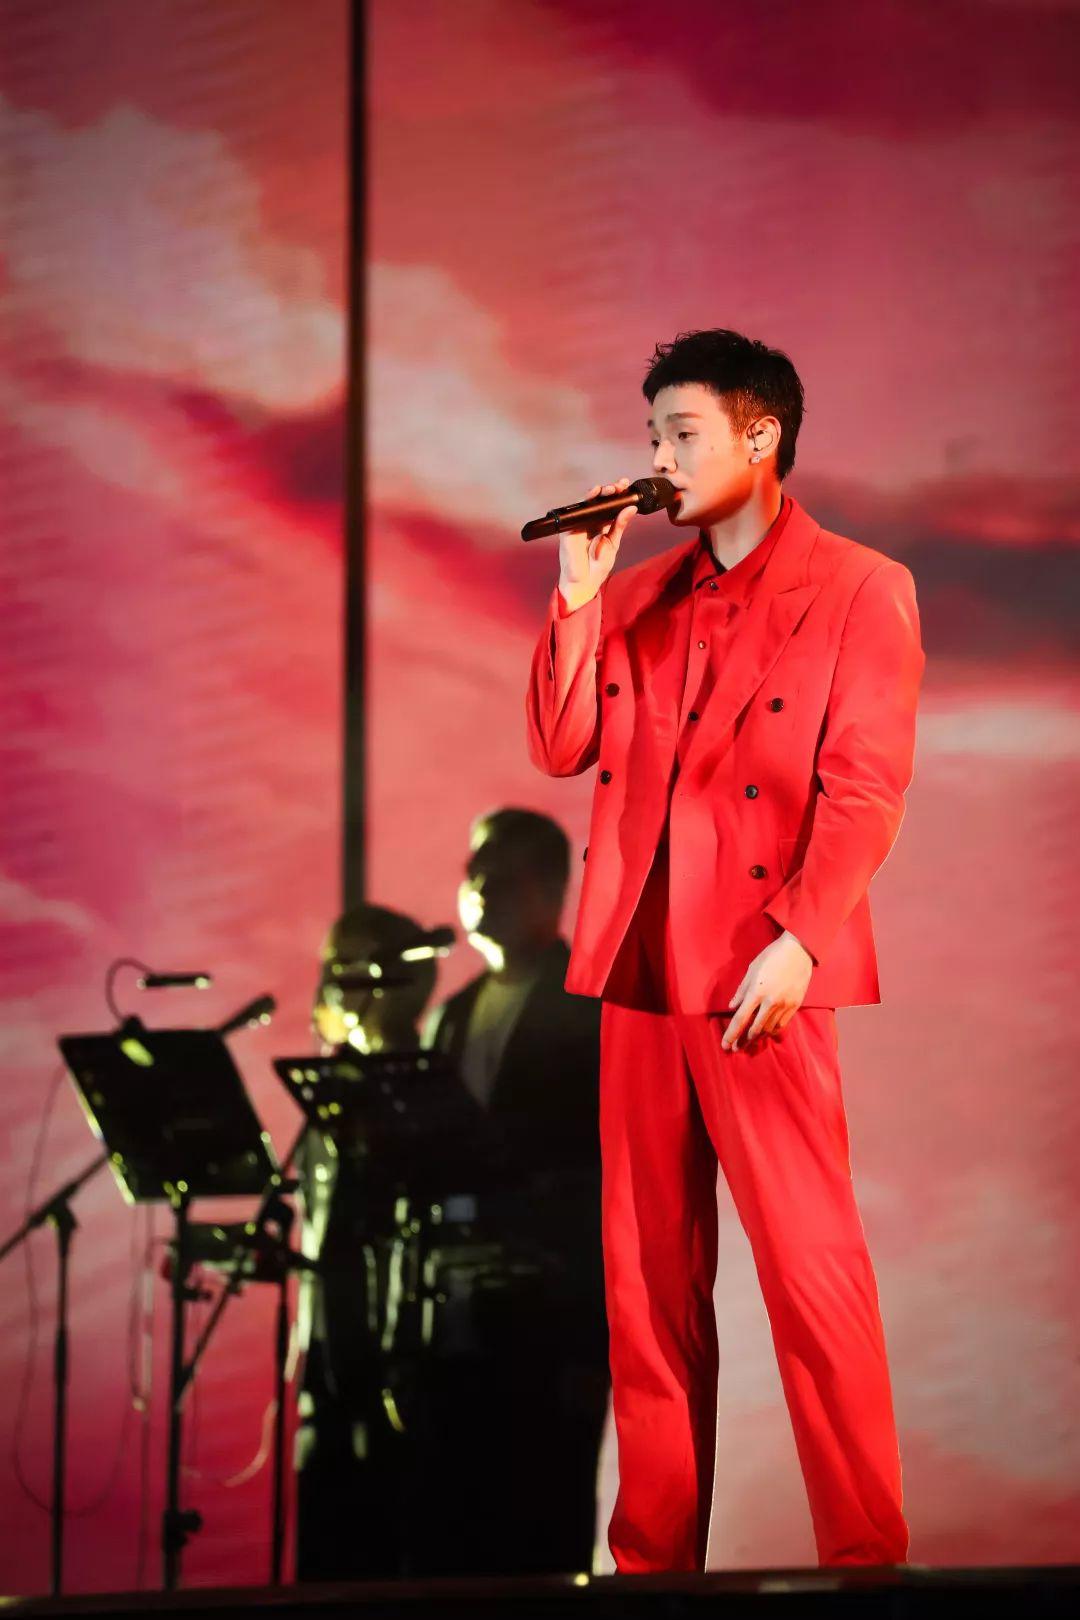 来了来了!李荣浩[年少有为]6月南京开唱,门票定于4月16日10:30正式预售!